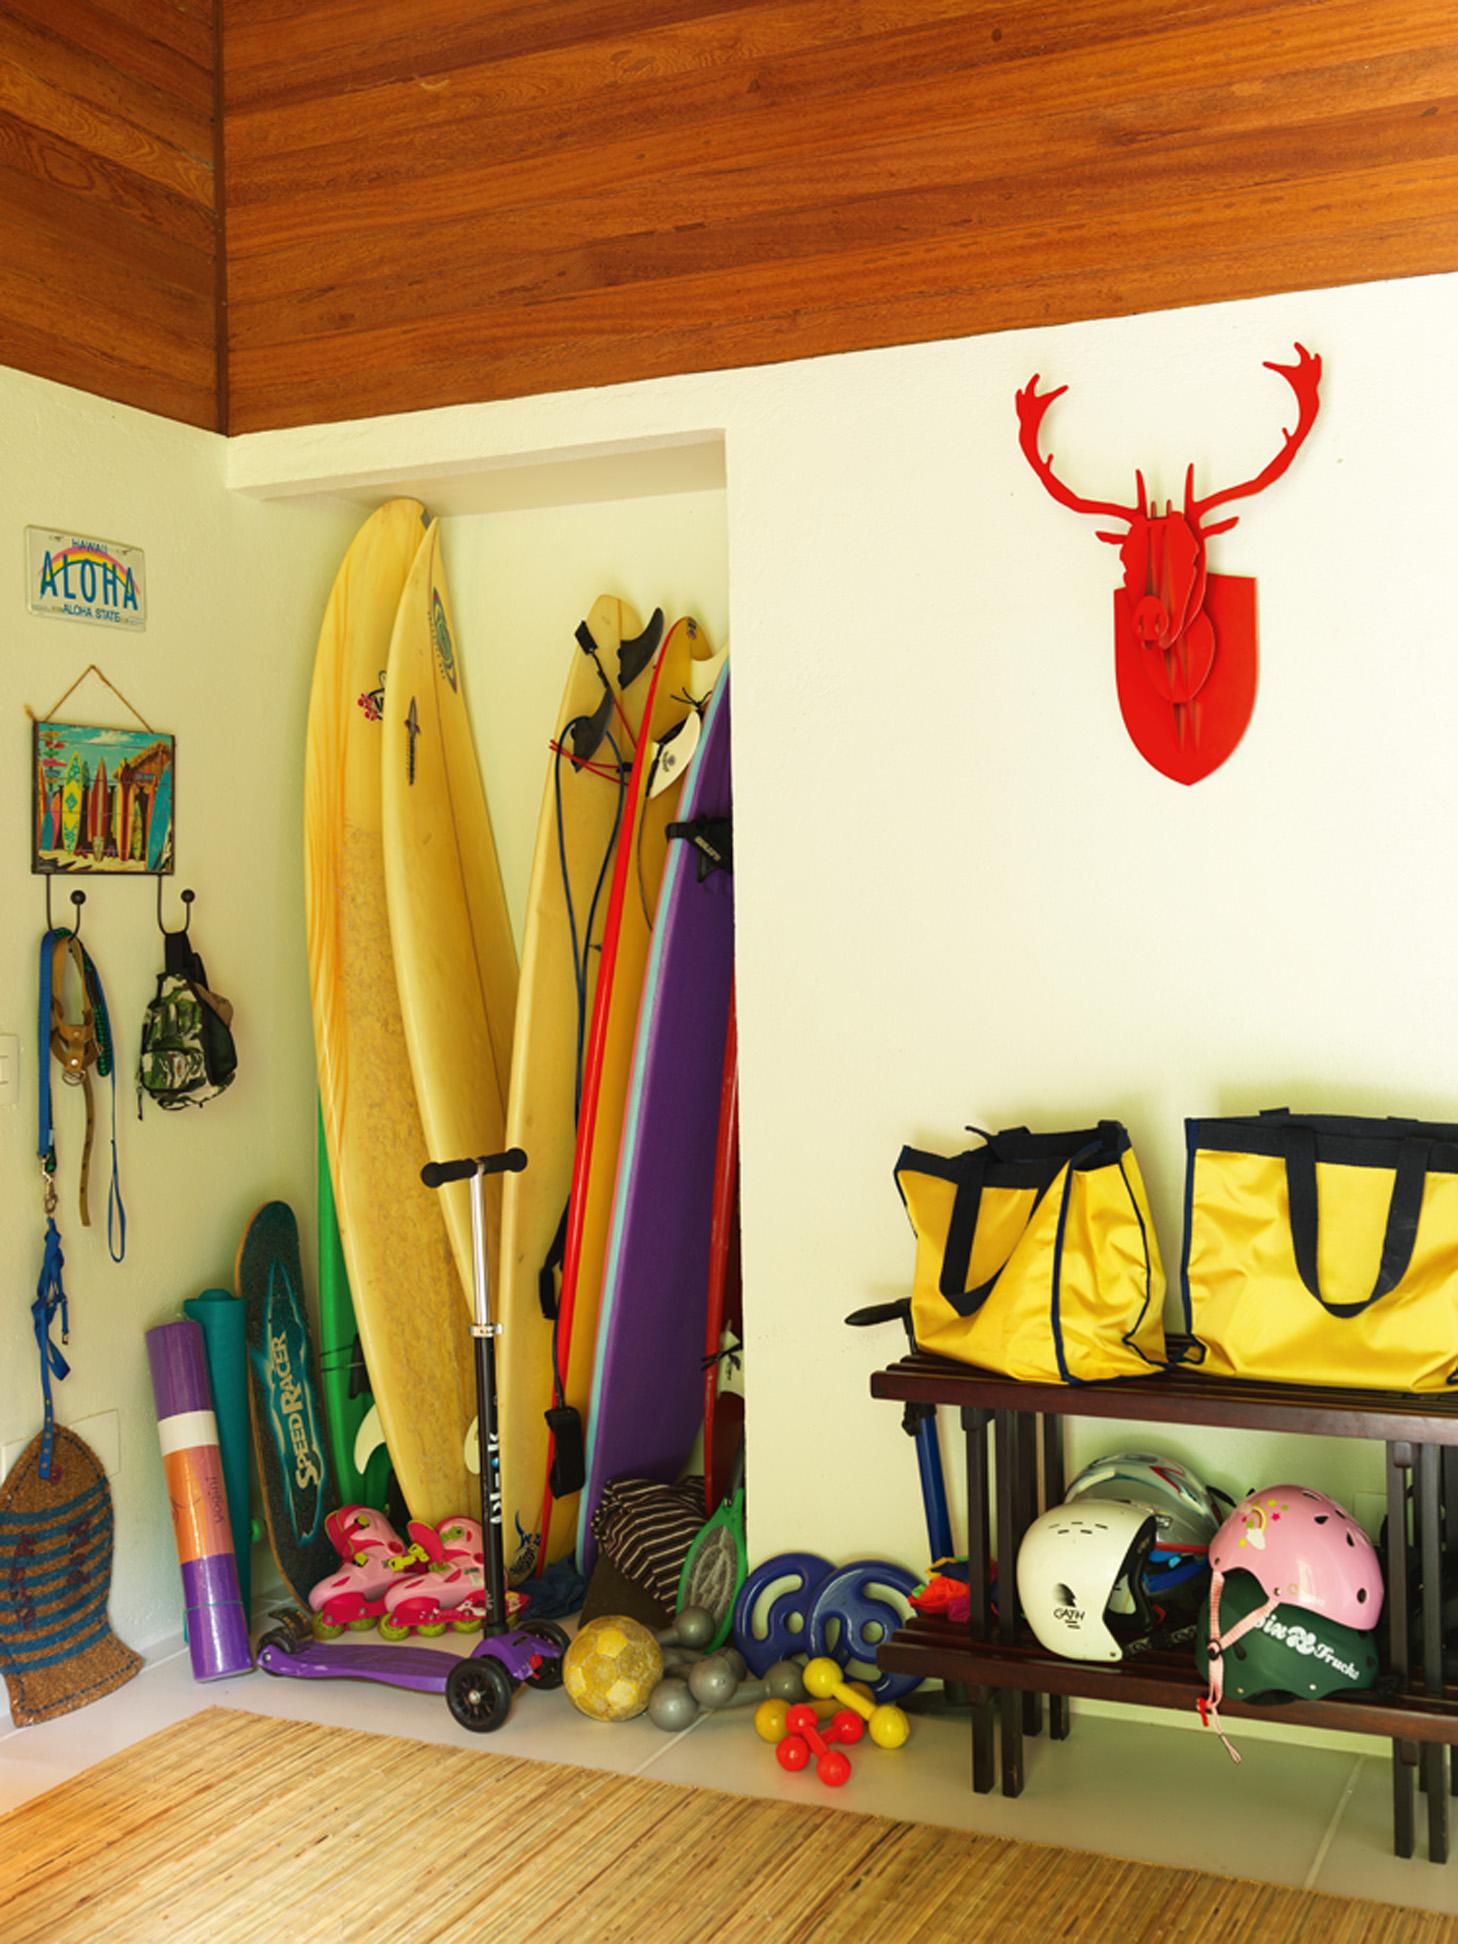 """Da praia: O hall de entrada da casa serve tanto de área de acesso aos quartos como de """"estacionamento"""" das pranchas do marido, Felipe, e guarda-tralhas das crianças"""